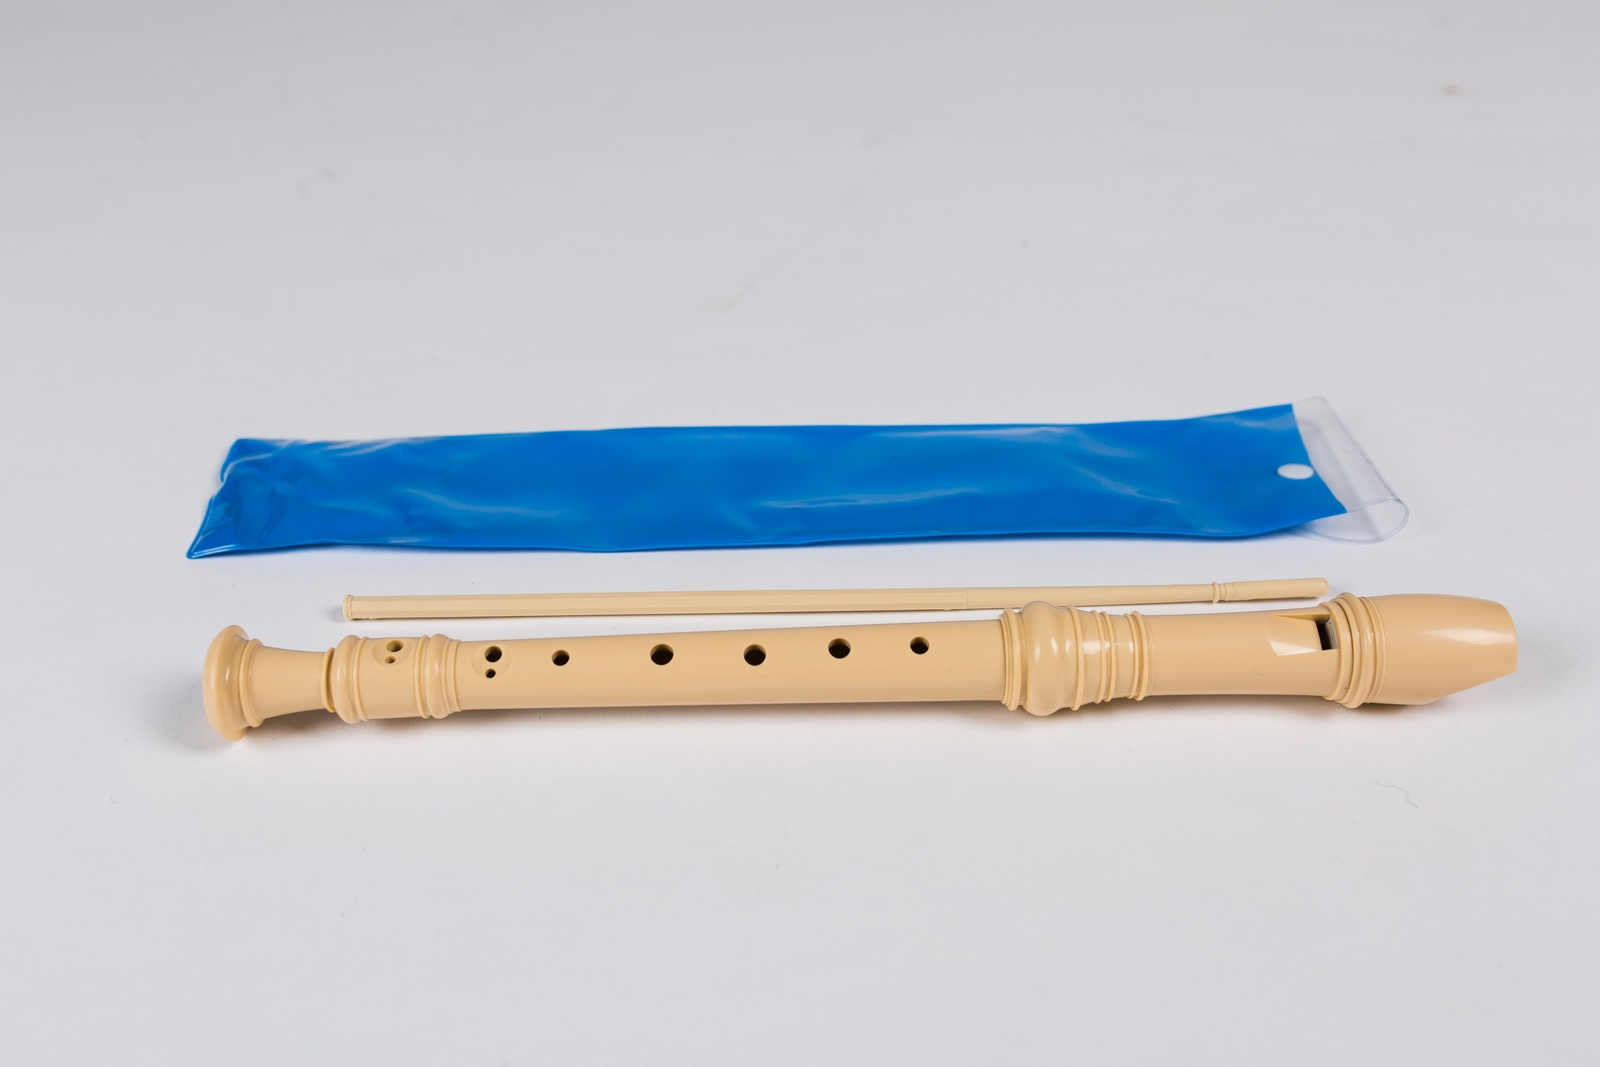 цены на Блок флейта Dekko OM8A MF00258, слоновая кость  в интернет-магазинах